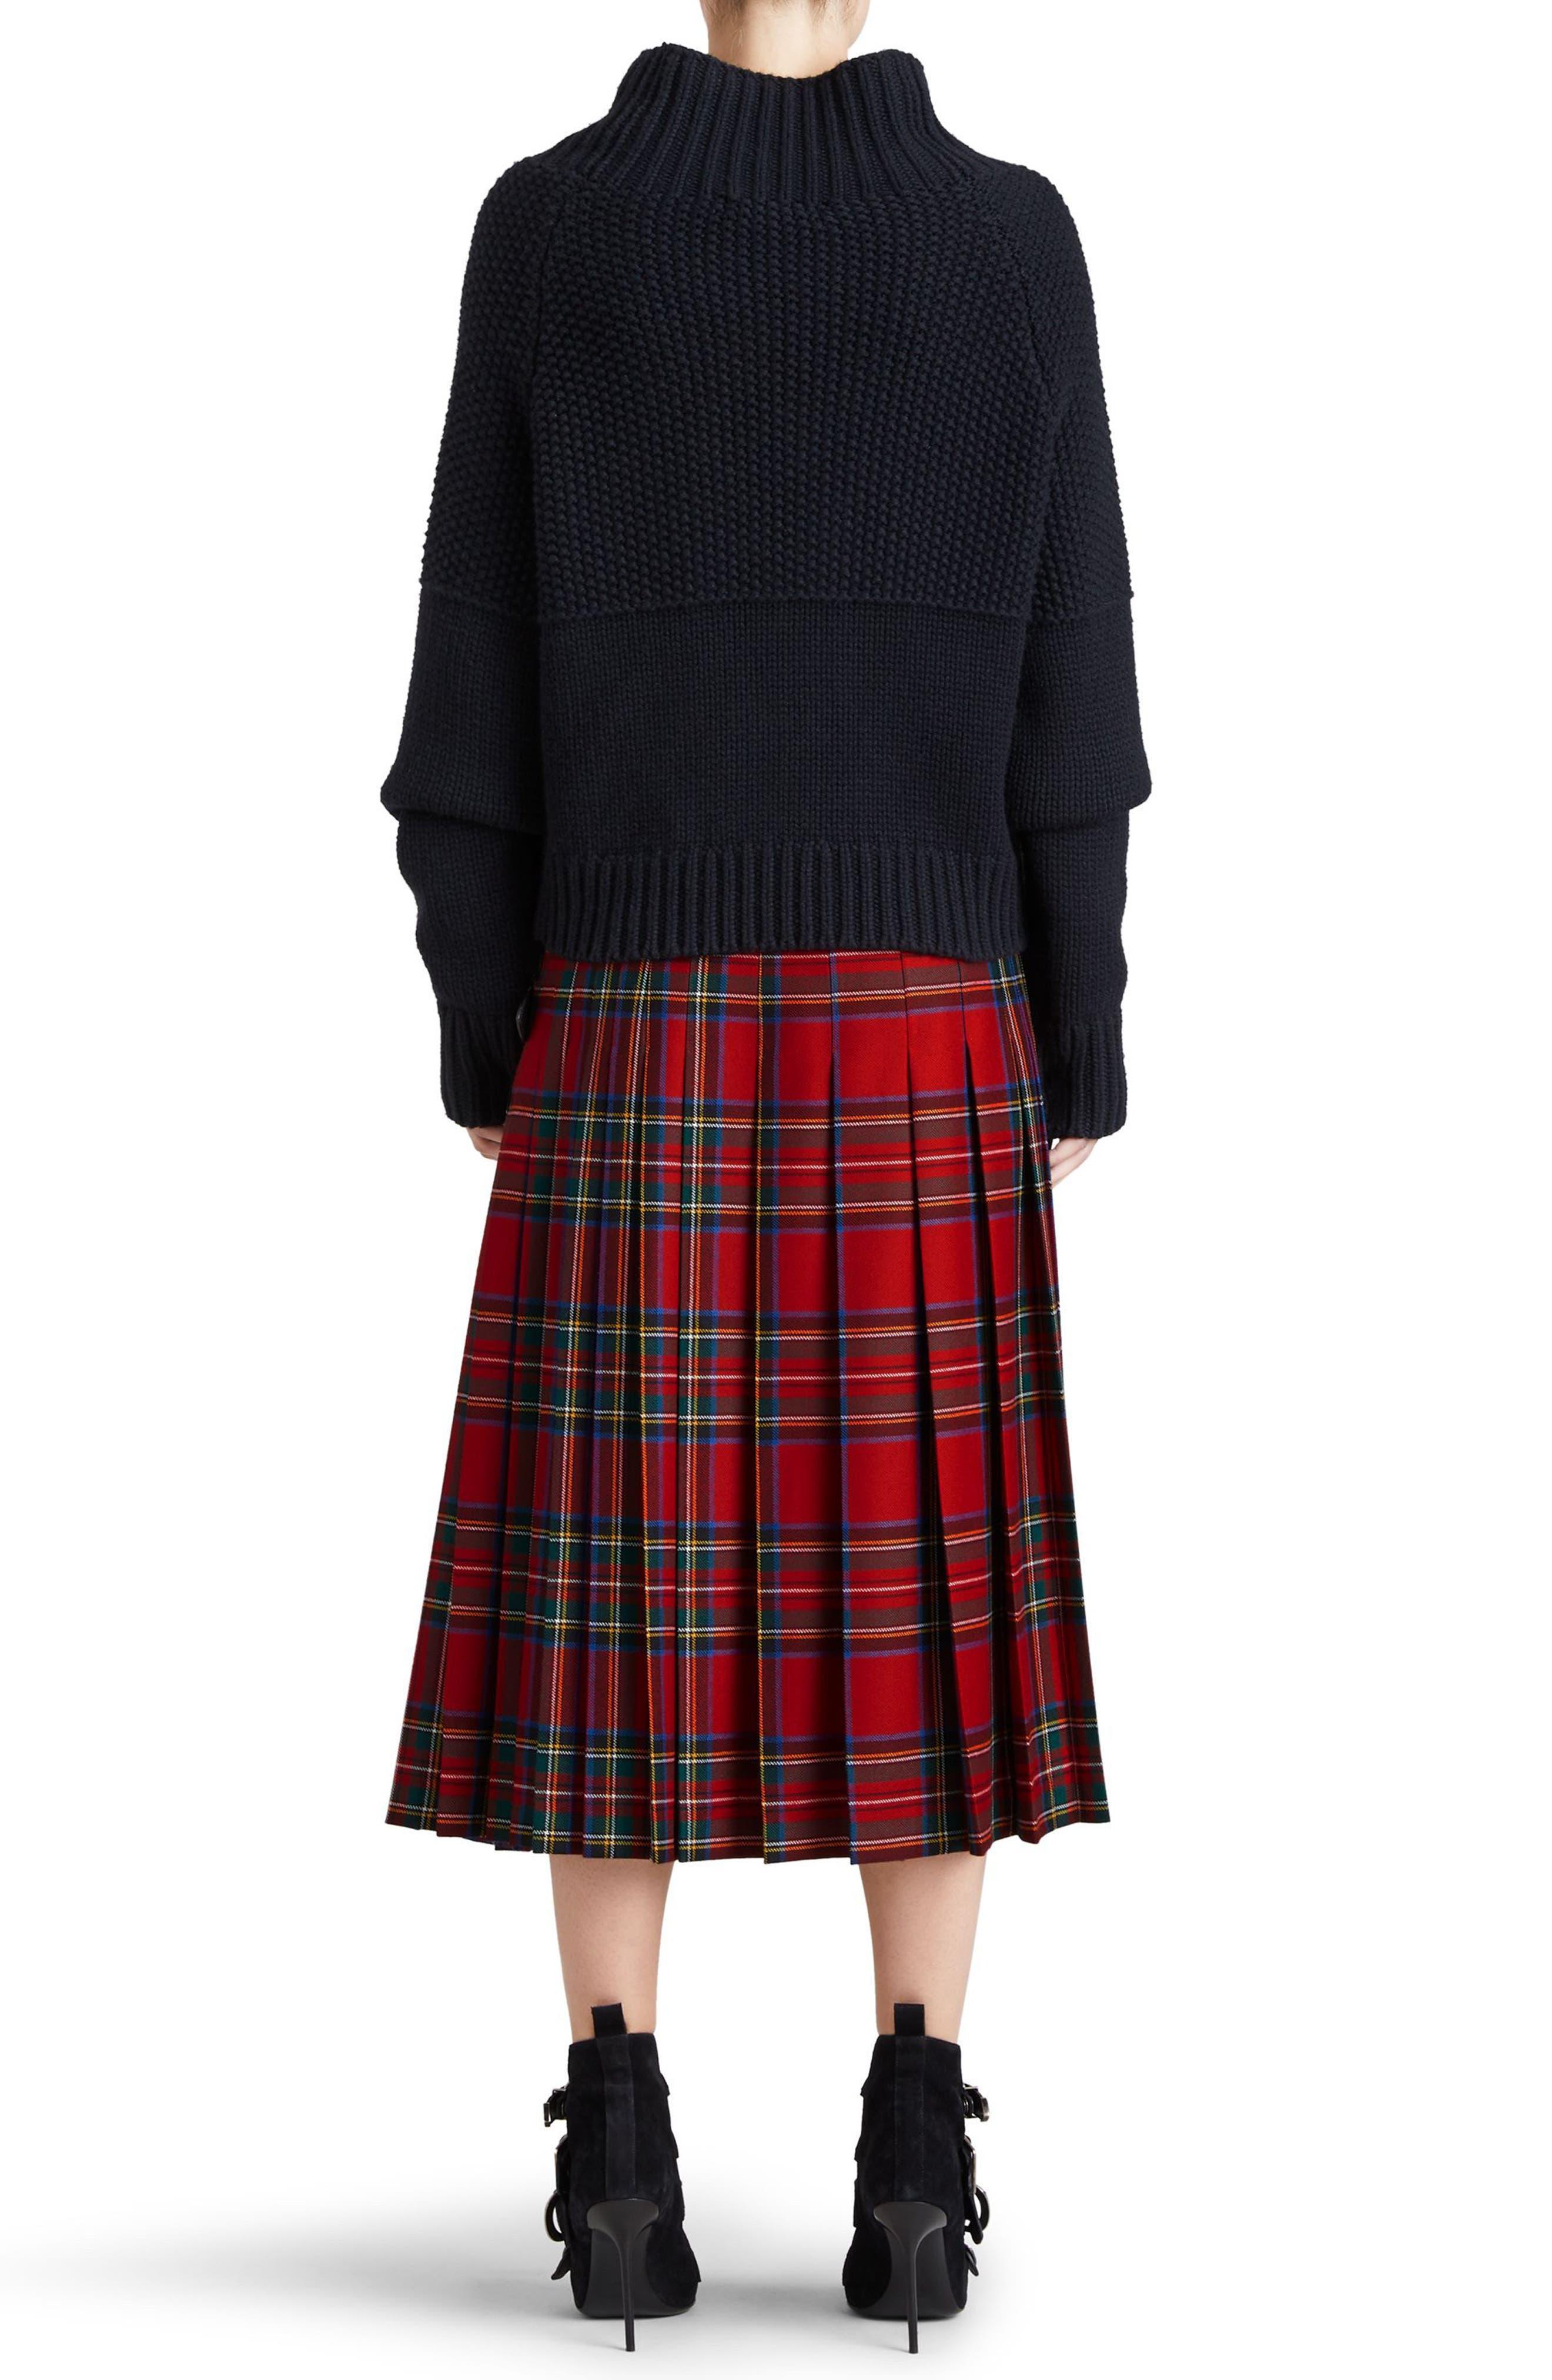 Taybridge Pleated Plaid Wool Midi Skirt,                             Alternate thumbnail 2, color,                             622